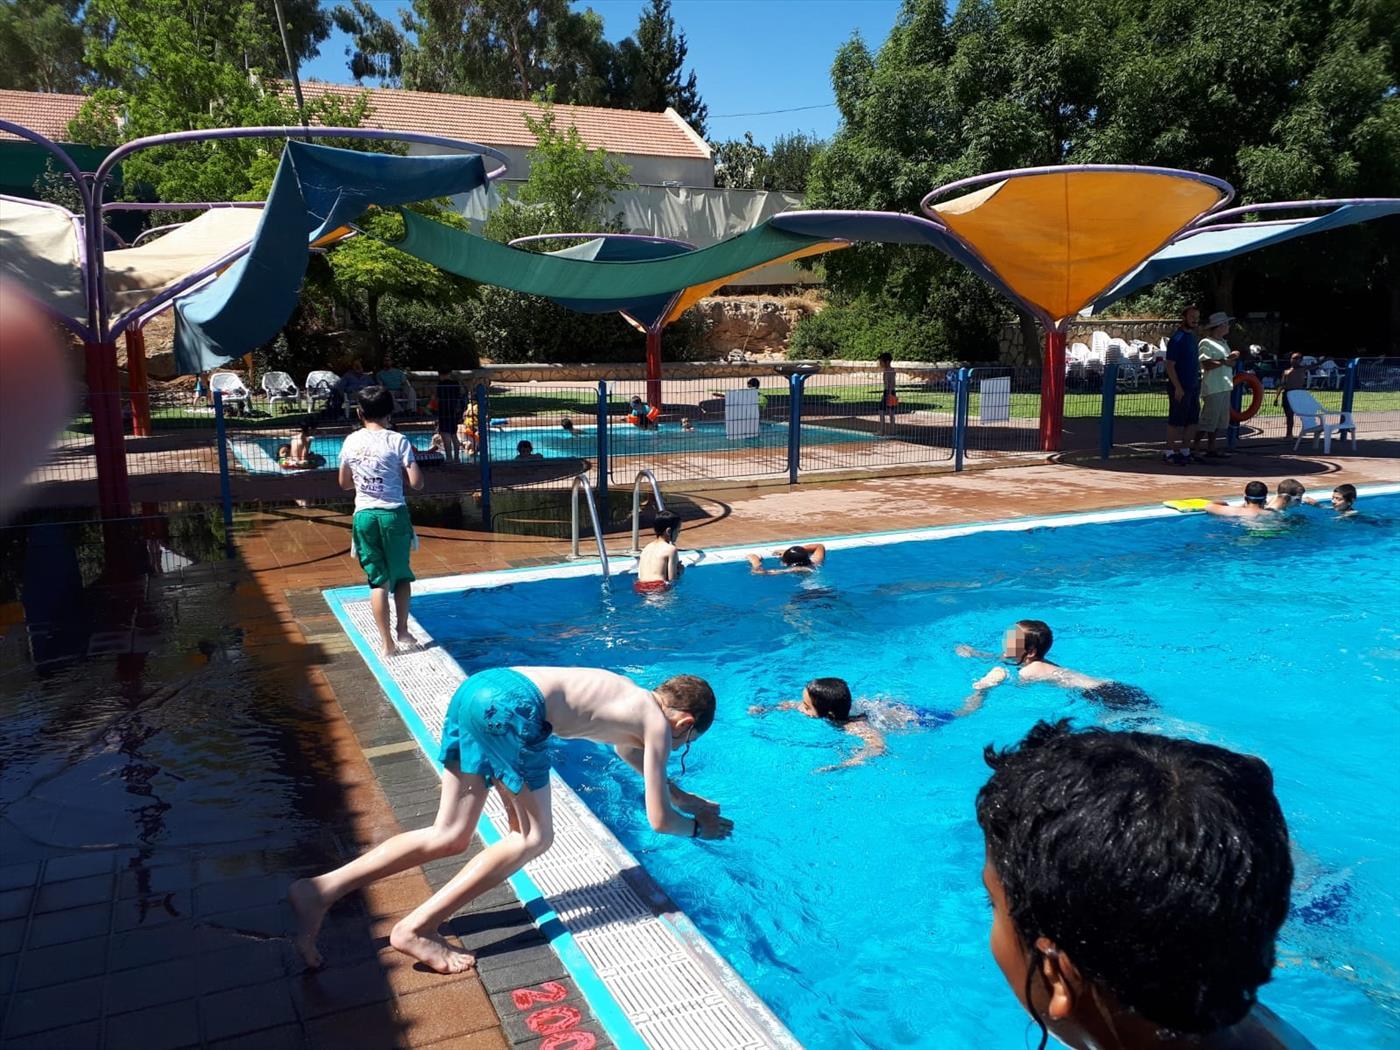 ילדי תלמודה התורה בבריכה (באדיבות המצלם)